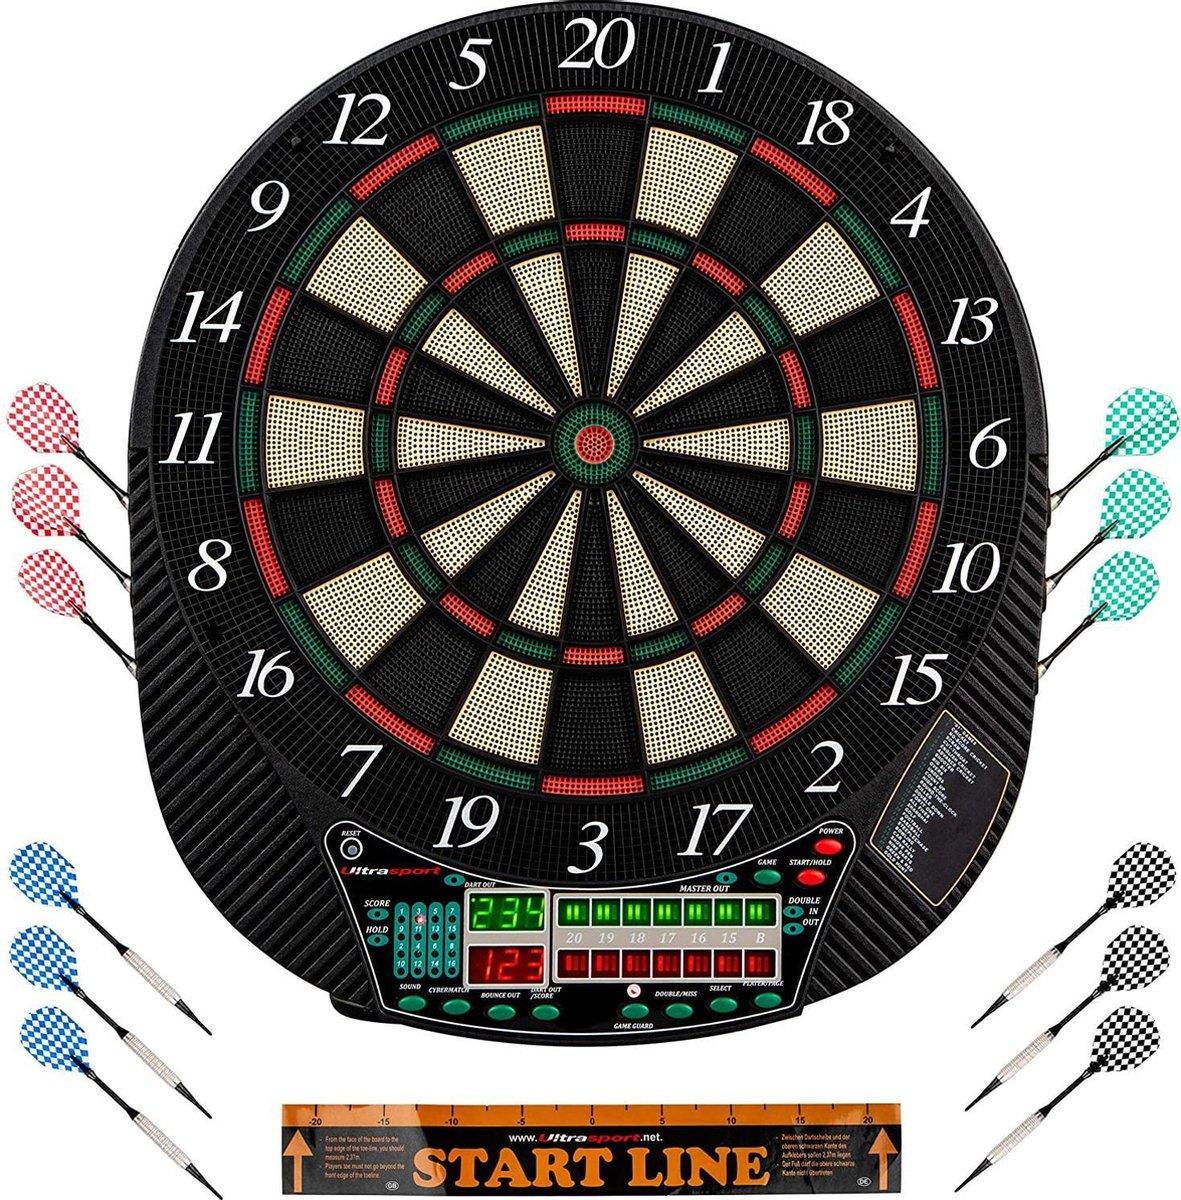 Gutos Elektrisch dartbord, met en zonder deuren, dartautomaat voor maximaal 16 spelers, inclusief werplijn, 12 dartpijlen en 100 soft-tips, geschikt voor feestjes en spelletjes, dartborden volwassenen, dartborden